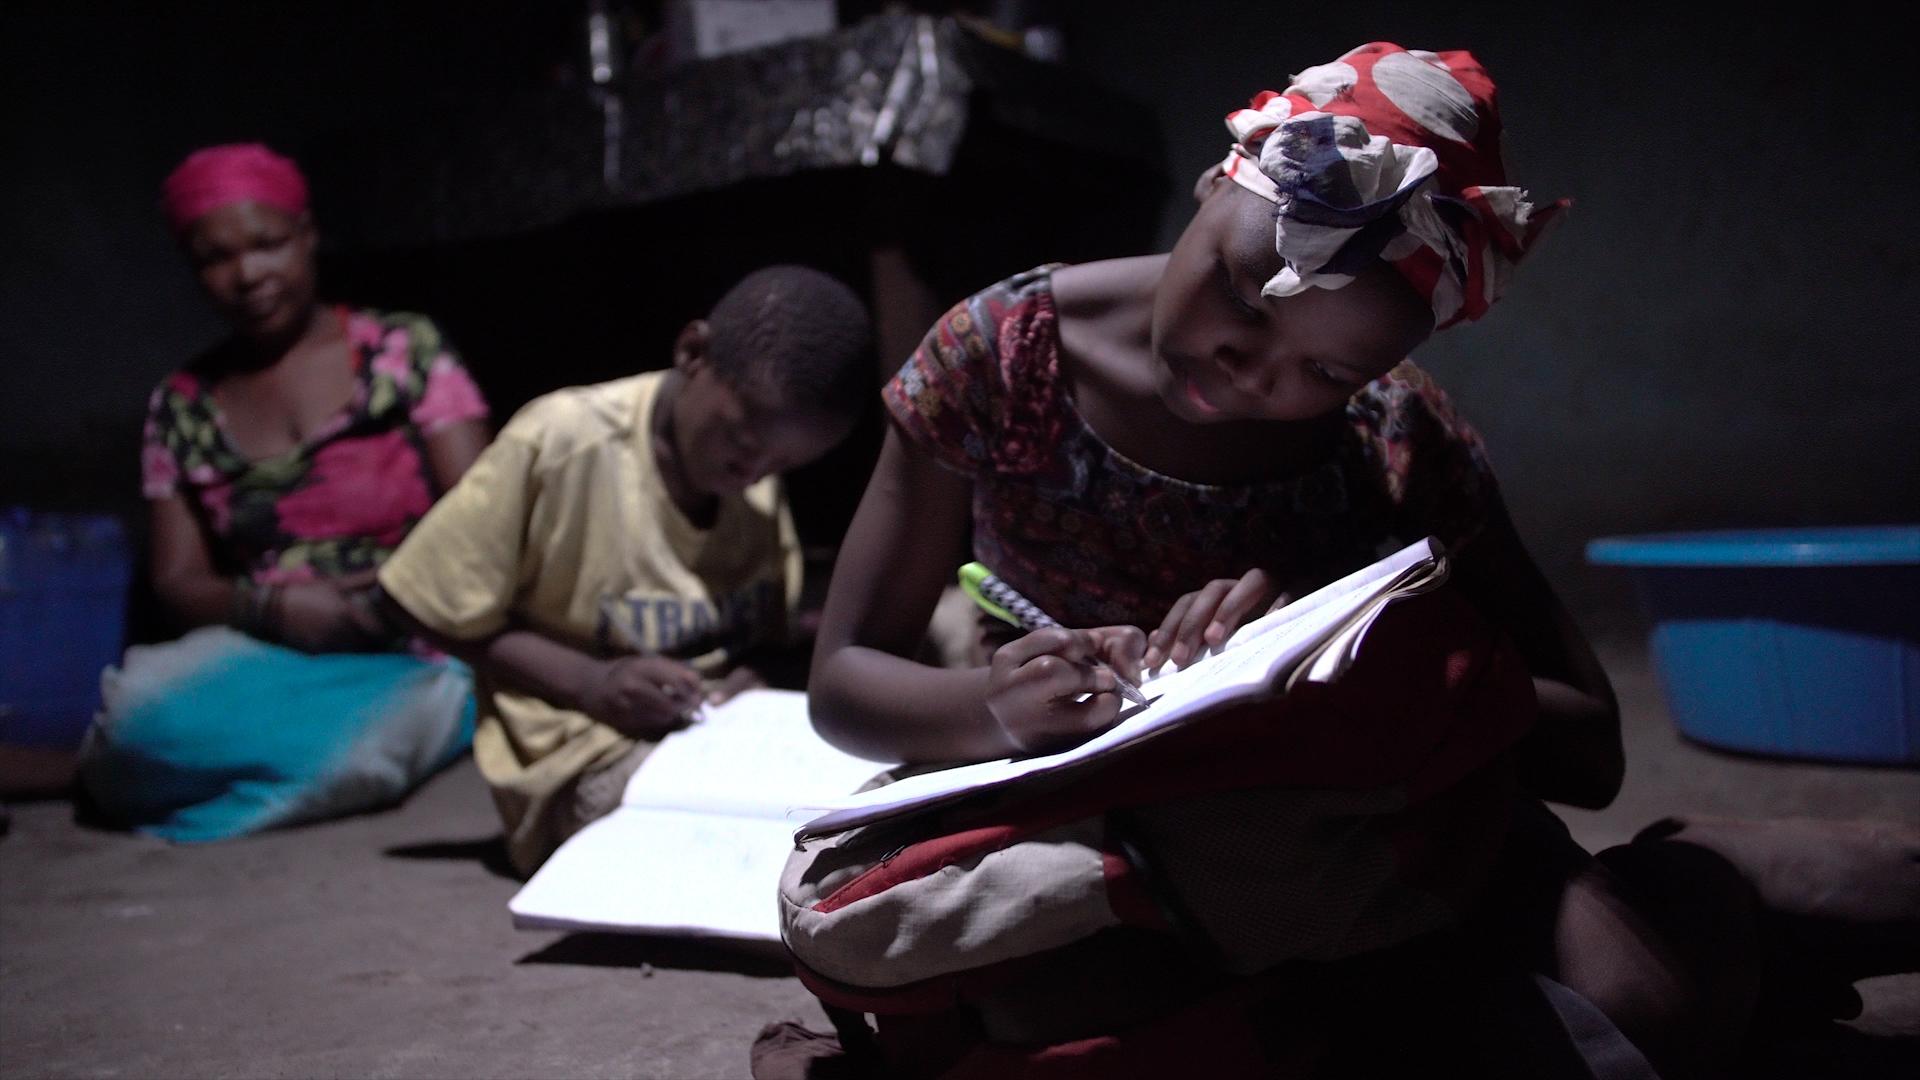 借助太阳能灯,孩子们能够更加安全地学习(照片:美国商业资讯)